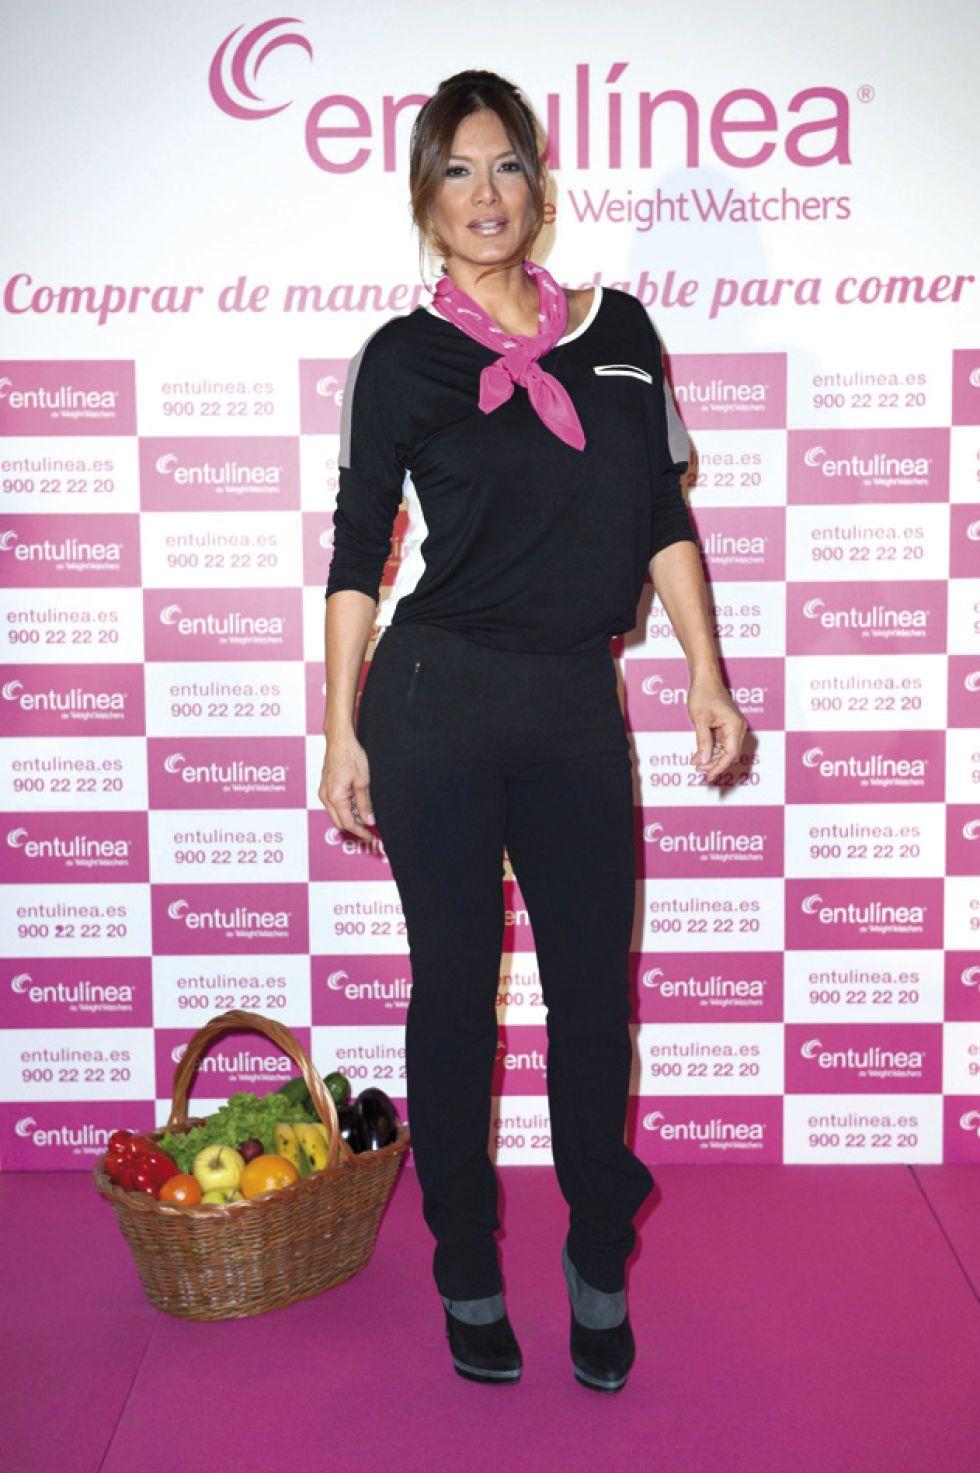 Apúntate a la dieta de Paula Echevarría ¡y once guapas más!